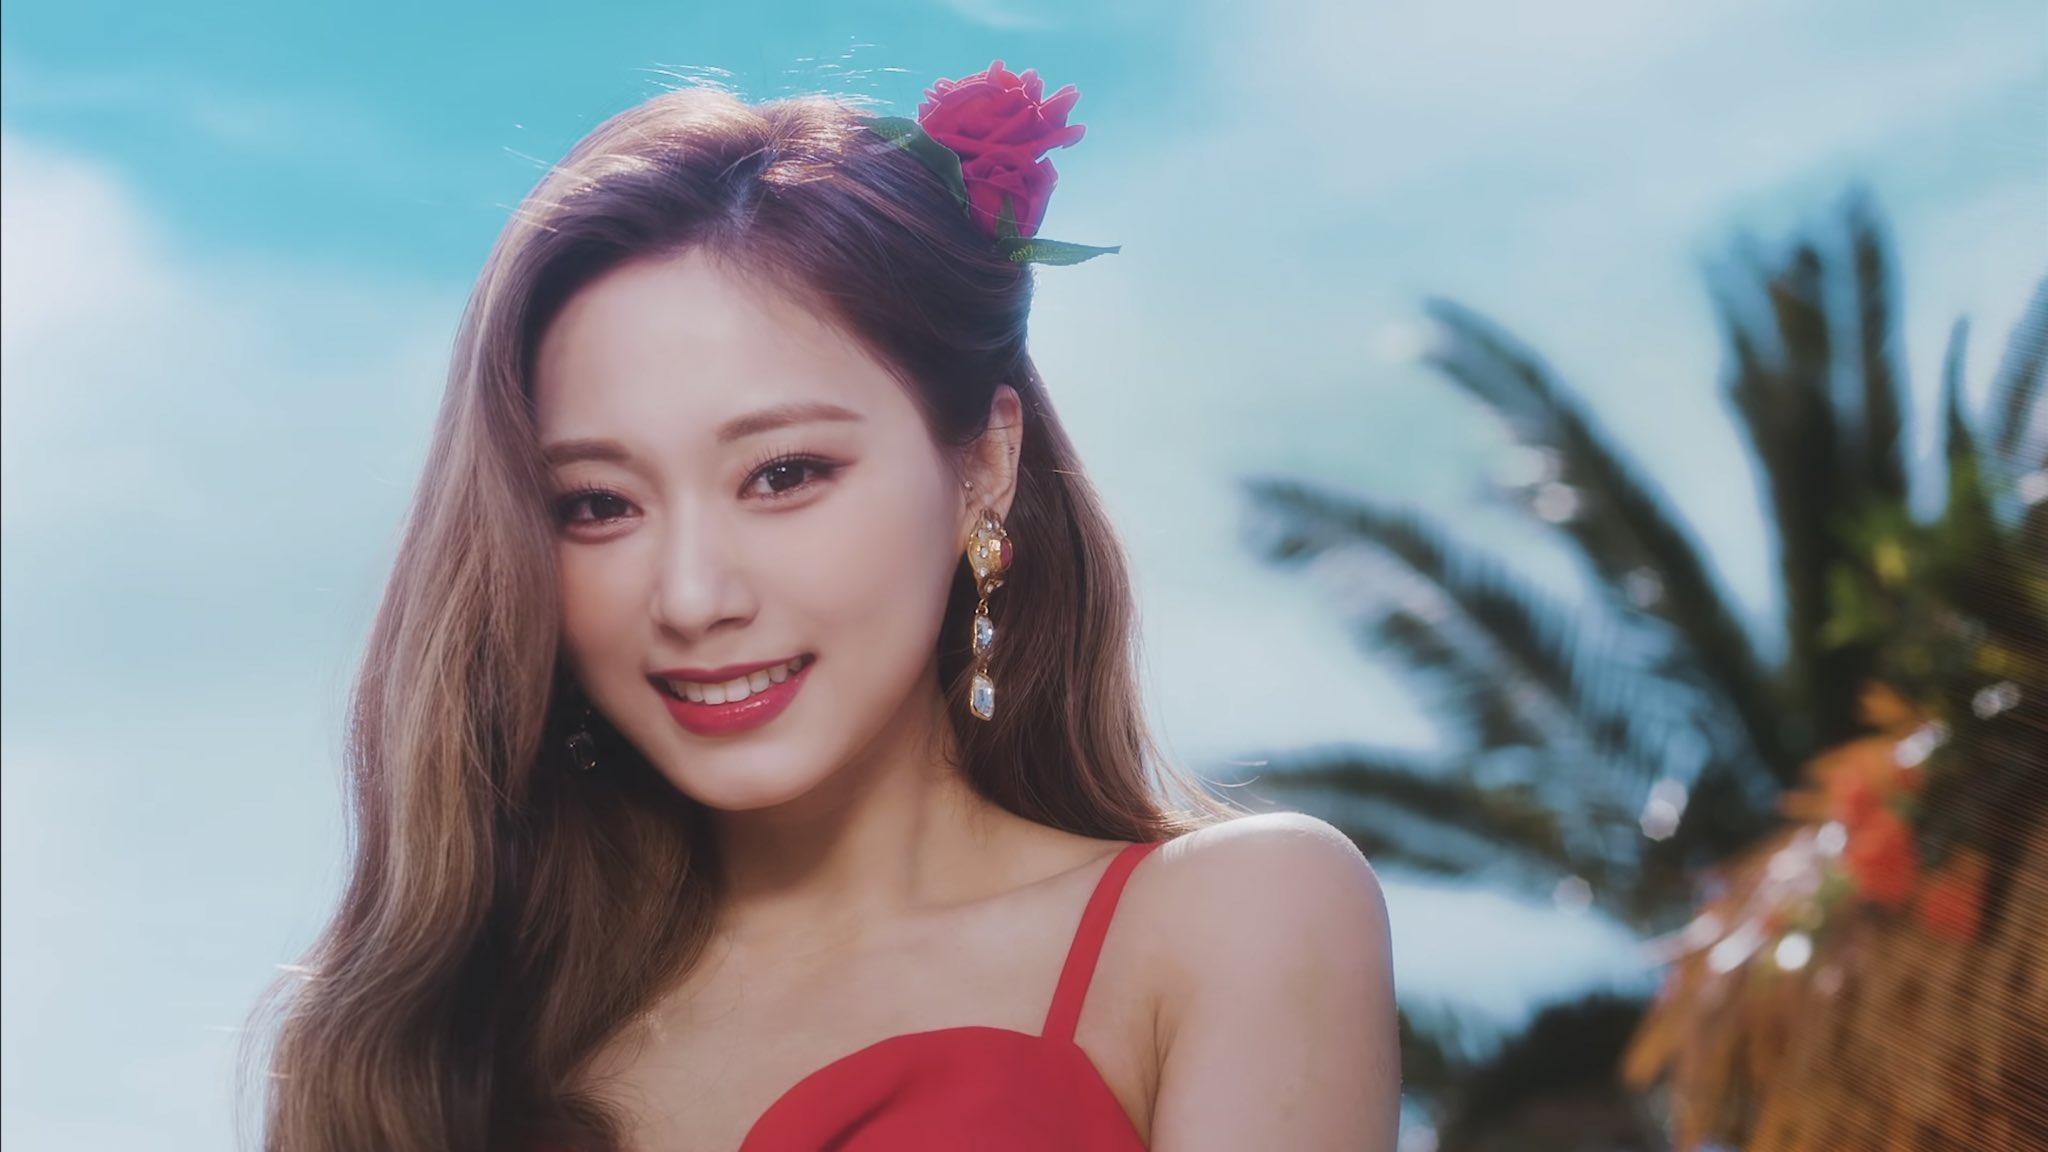 Trong MV Alcohol-free được Twice phát hành mới đây, Tzuyu bùng nổ với visual đỉnh cao. Để phù hợp với concept mùa hè rực rỡ, nữ idol diện váy đỏ, cài hoa đỏ, kết hợp cùng tông trang điểm tươi tắn, đôi môi đỏ đậm làm điểm nhấn.